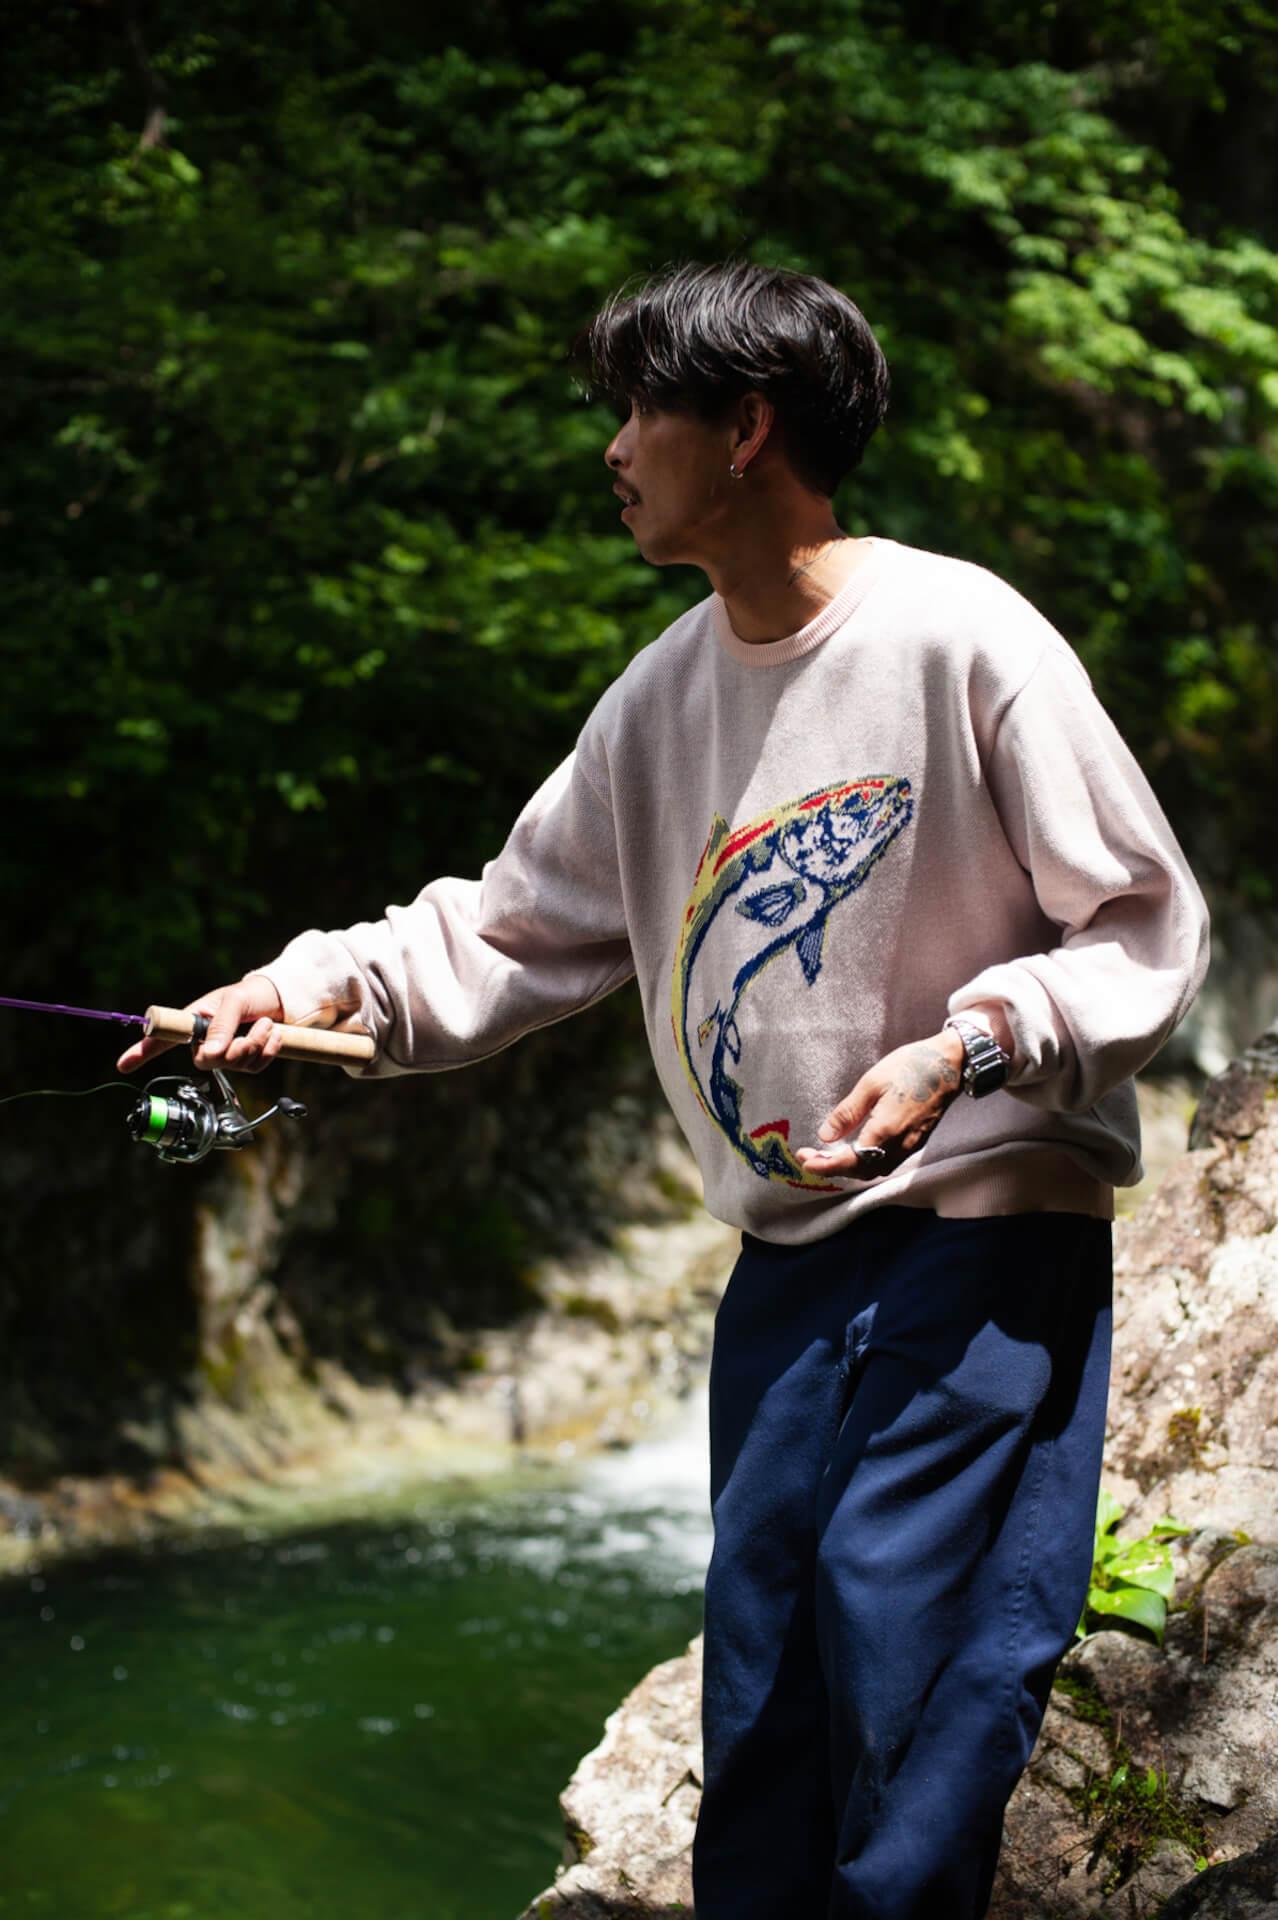 PSEUDOSとCHAOS FISHING CLUBの新作が発売に|LOOKのモデルは丸山晋太郎、撮影は堀裕輝、荒川晋作 life-fashion210724_PSEUDOS_CHAOS-FISHING-CLUB_6